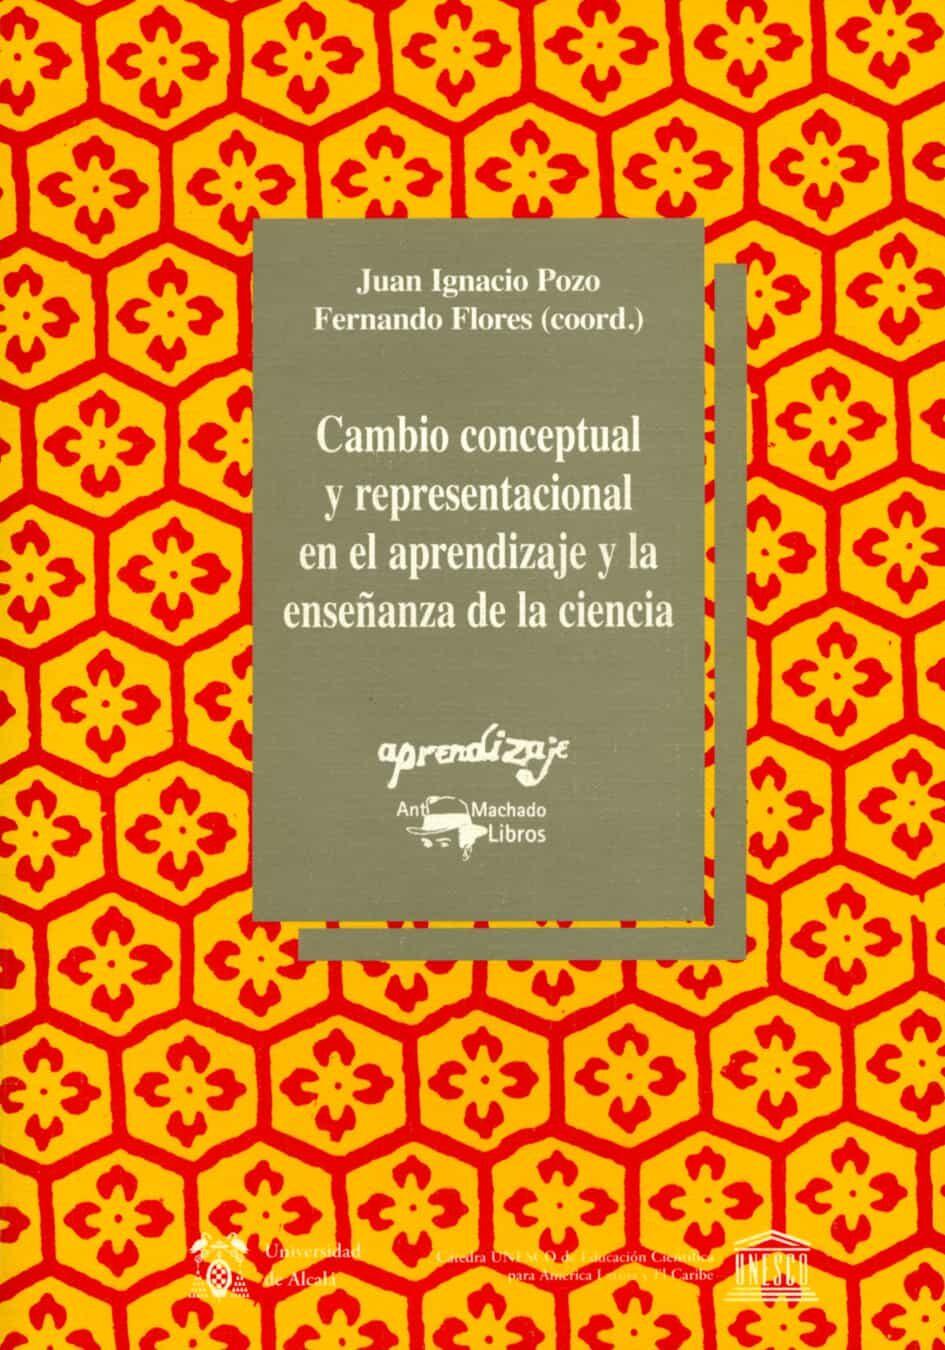 Cambio Conceptual Y Representacional En El Aprendizaje Y La Enseñ Anza De La Ciencia por Juan Ignacio Pozo epub